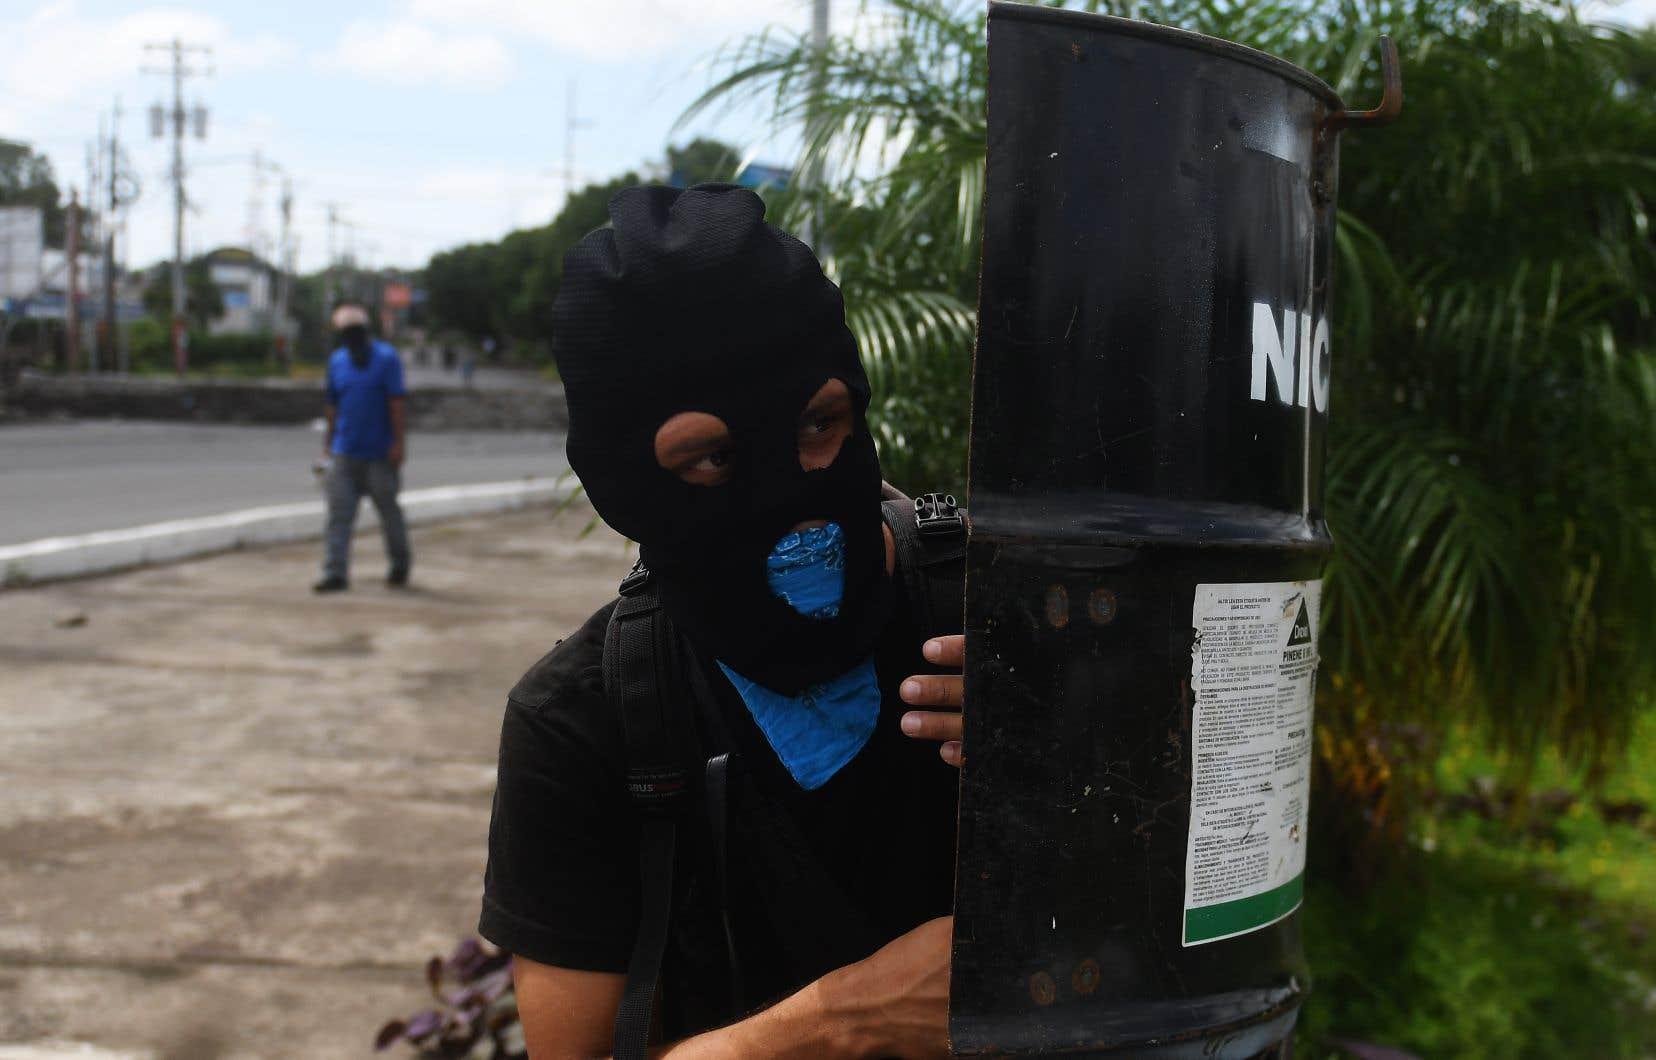 Un étudiant se protège avec un bouclier de fortune face aux attaques continues de la police anti-émeute et des membres de la Jeunesse Sandiniste, dans les environs de l'Université Nationale Autonome du Nicaragua, à Managua.